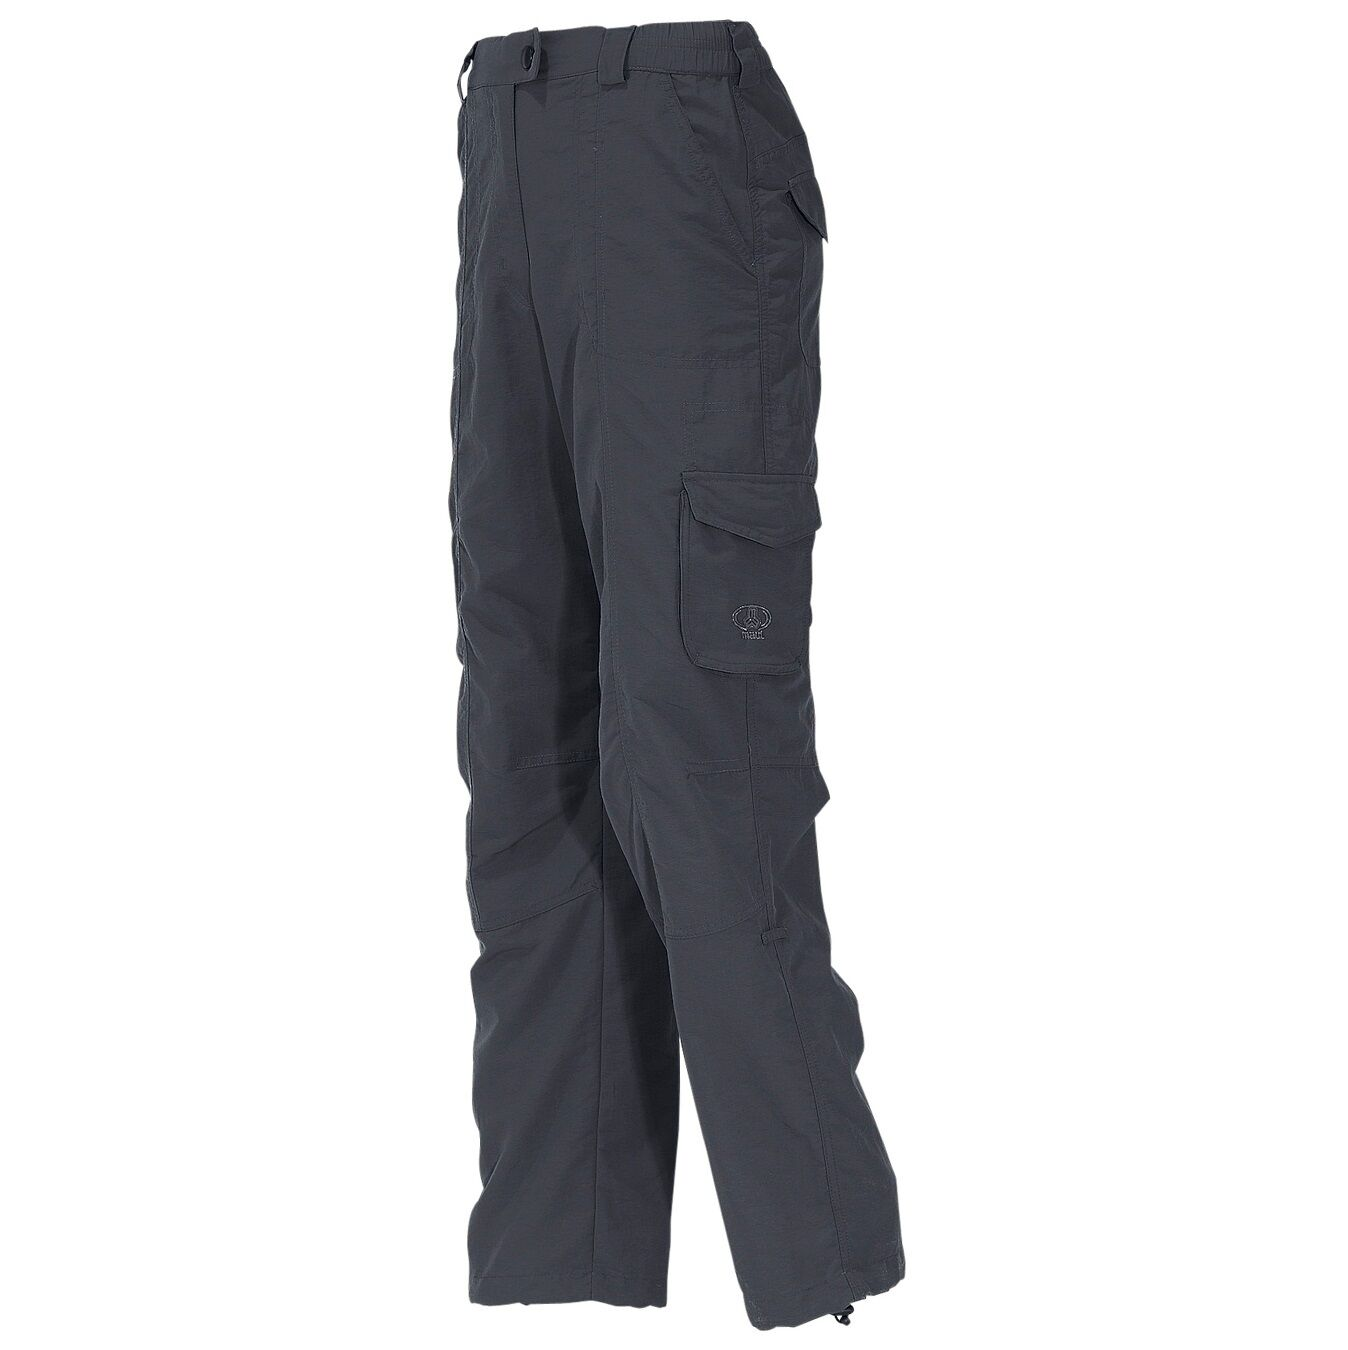 Maul THULE Donna funzionali arrotolato Pantaloni breve-Lang-misure grandi fino a 50 facilmente guarda